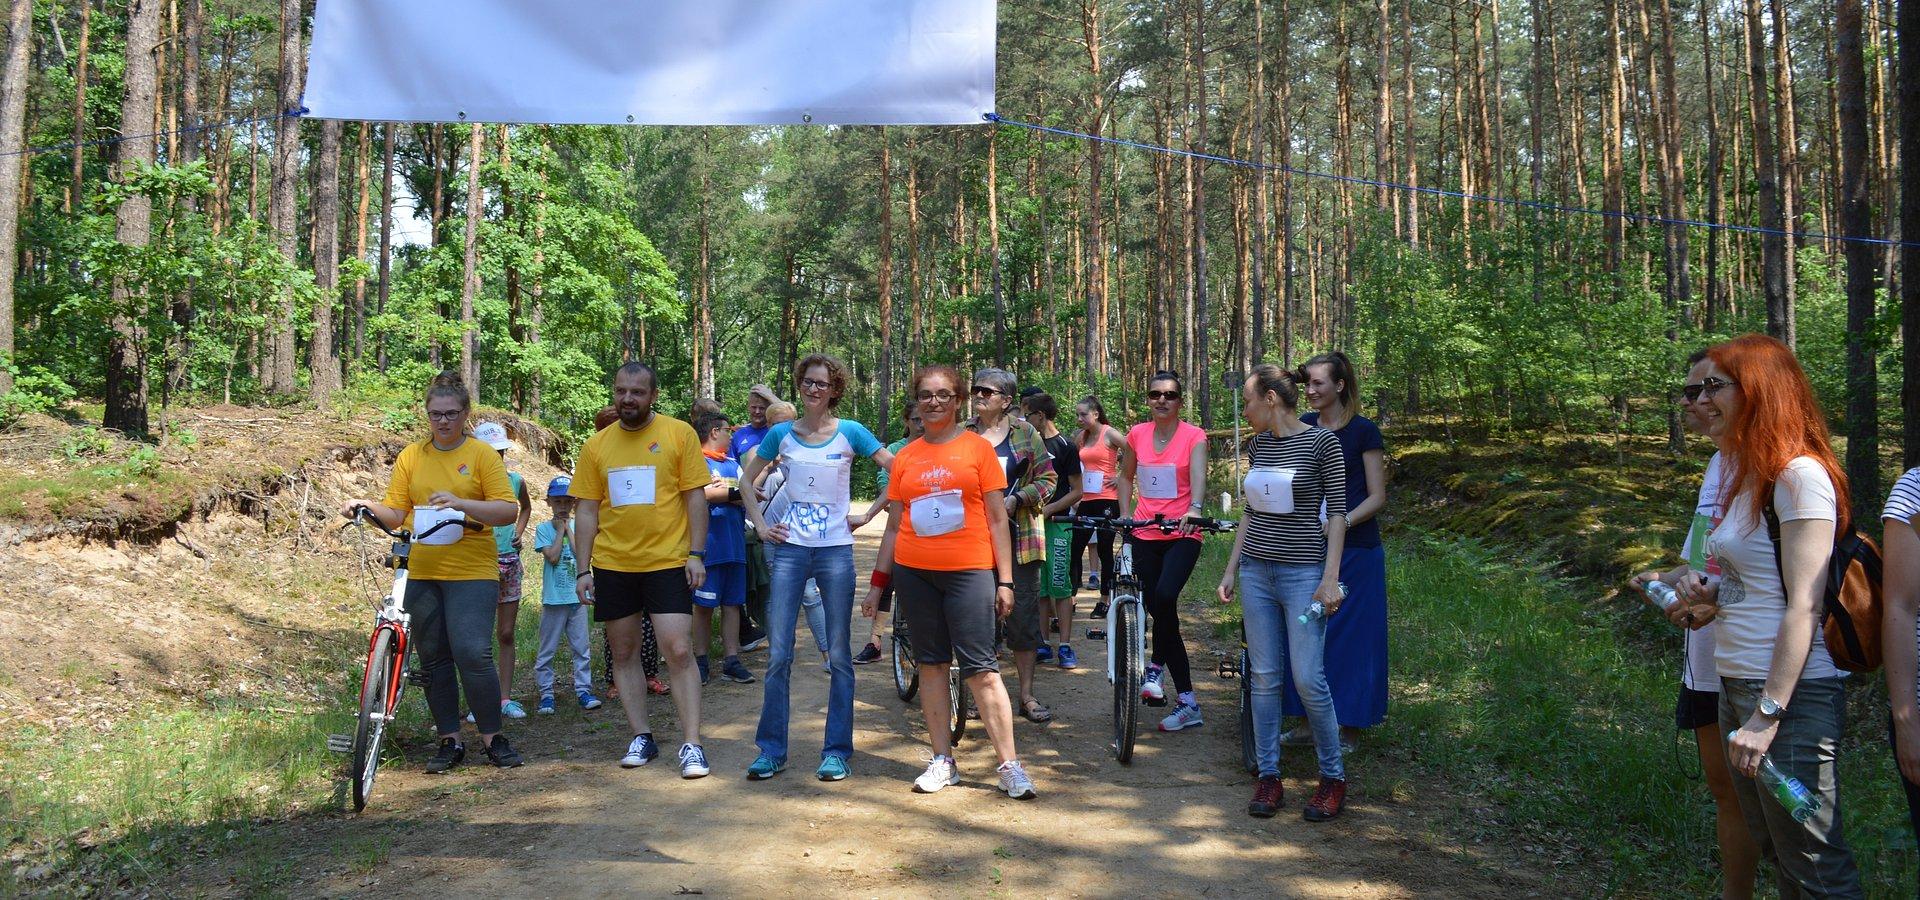 II Niebanalny Triathlon Młodzieżowy